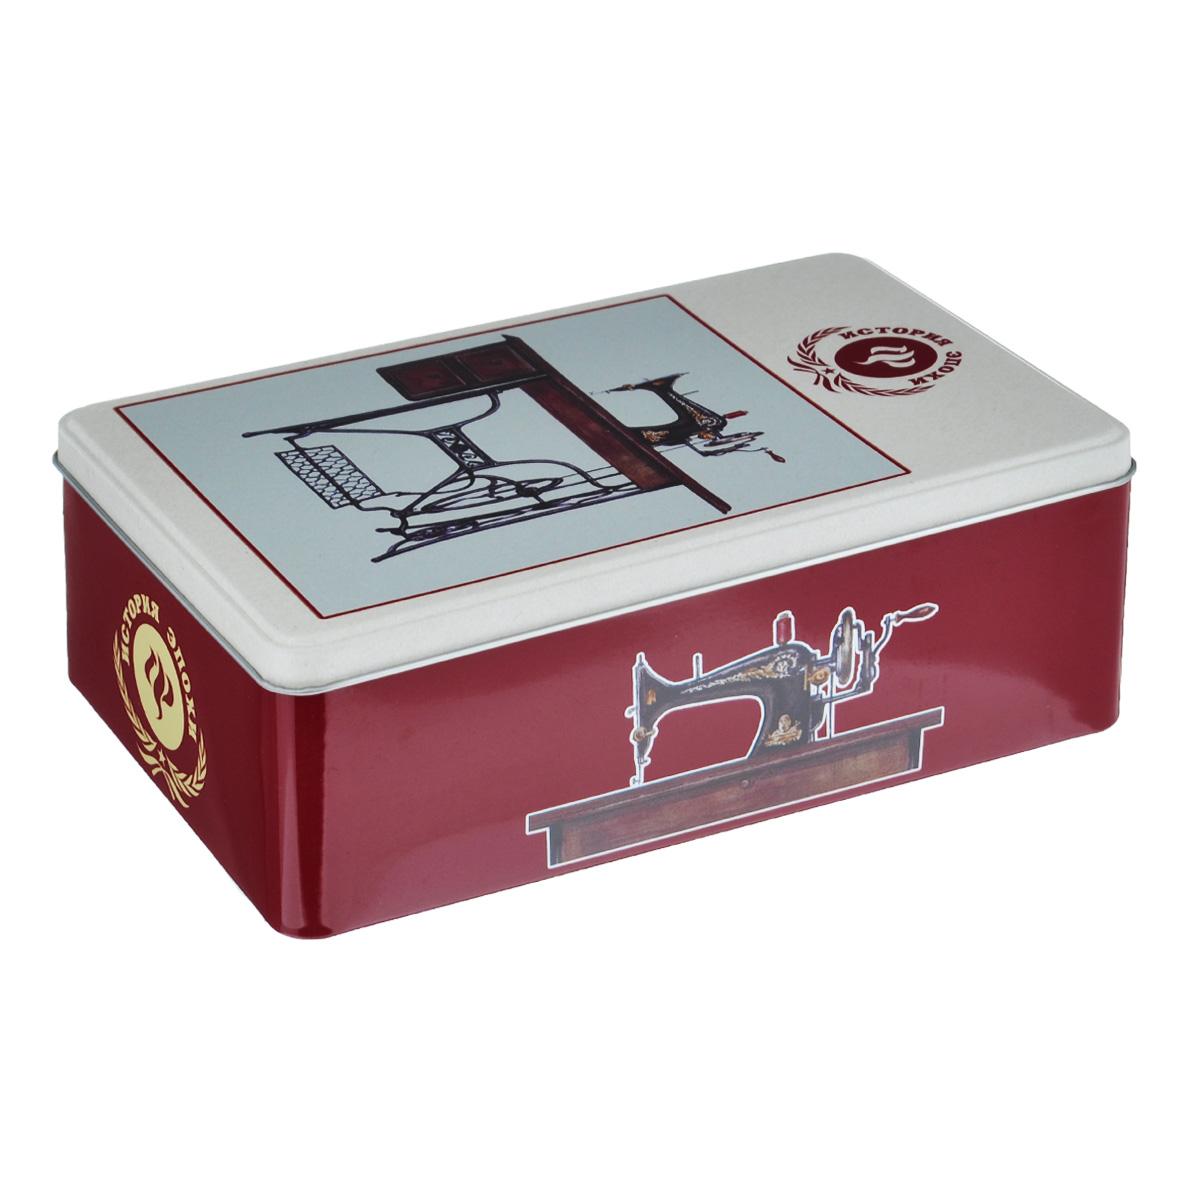 Коробка для хранения Феникс-презент Советская швейная машинка, 20 х 13 х 6,5 см37671Коробка для хранения Феникс-презент Советская швейная машинка, выполненная из металла, декорирована изображением швейной машинки. Внутри коробки имеется одно вместительное отделение. Крышка изделия открывается с помощью откидного механизма.Коробка для хранения Феникс-презент Советская швейная машинка станет оригинальным украшением интерьера и позволит хранить украшения, бижутерию, а также предметы шитья или рукоделия.